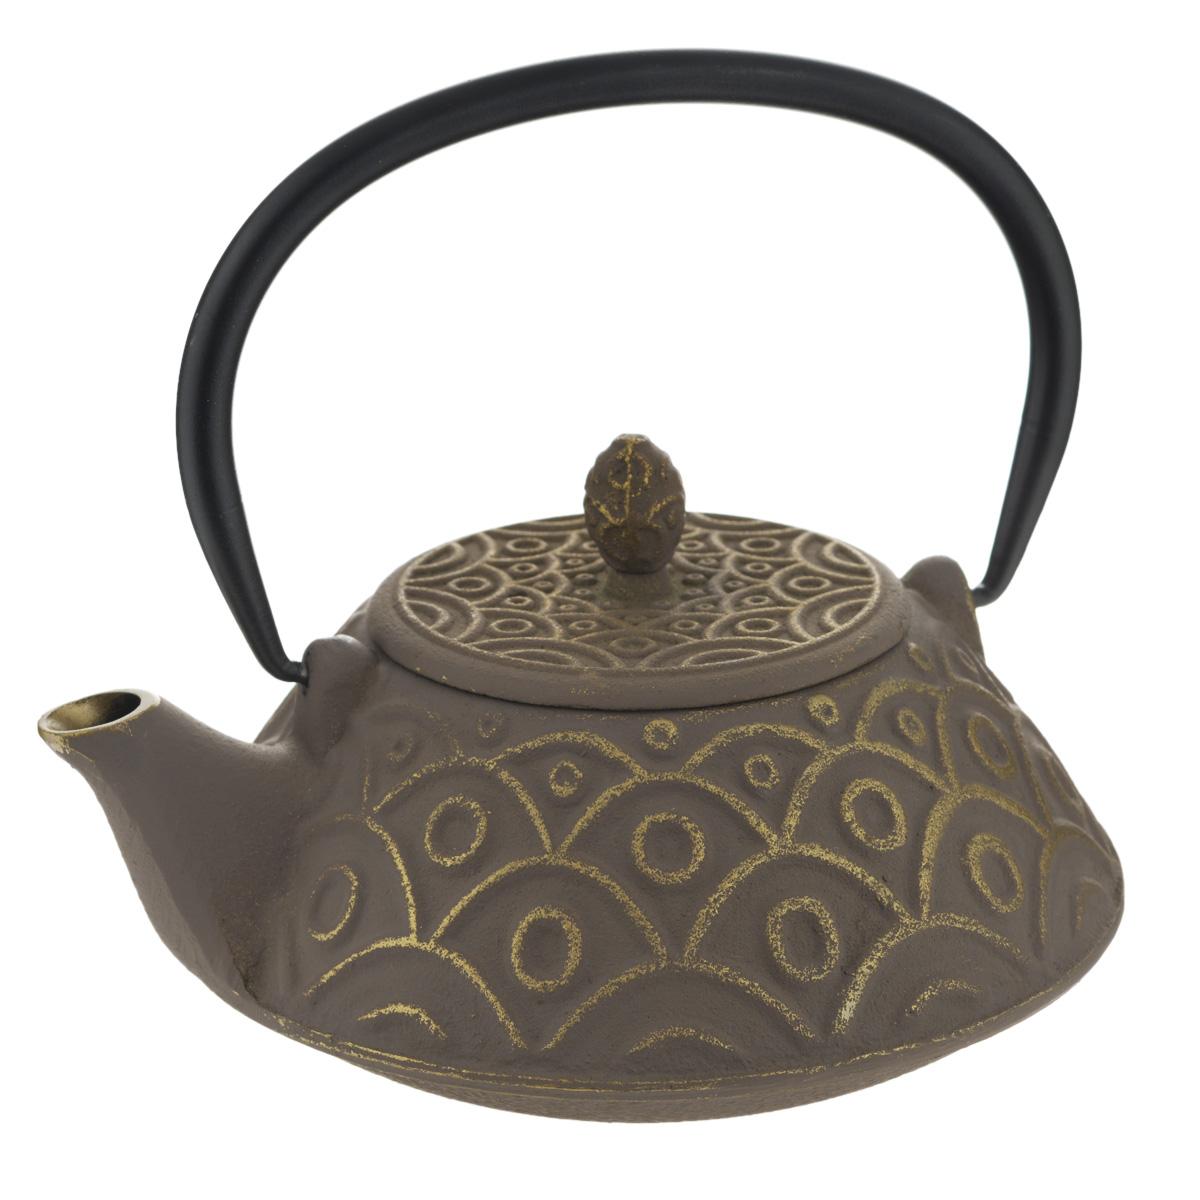 Чайник заварочный Mayer & Boch, 750 мл. 23698115510Чайник заварочный Mayer & Boch изготовлен из чугуна - экологически чистого материала, который не тускнеет и не деформируется. Он долговечен и устойчив к воздействию высоких температур. Главное достоинство чугунного чайника - способность длительно сохранять тепло, чай в таком чайнике сохраняет свой вкус и свежий аромат долгое время. Внутренняя колба чайника выполнена из нержавеющей стали. Изделие оснащено удобной ручкой.Классический стиль, приятная цветовая гамма и оптимальный объем делают чайник удобным и оригинальным аксессуаром, который прекрасно подойдет как для ежедневного использования, так и для специальной чайной церемонии. Чайник нельзя мыть в посудомоечной машине.Диаметр по верхнему краю: 8 см.Высота (без учета крышки): 8,5 см.Диаметр дна: 6,5 см.